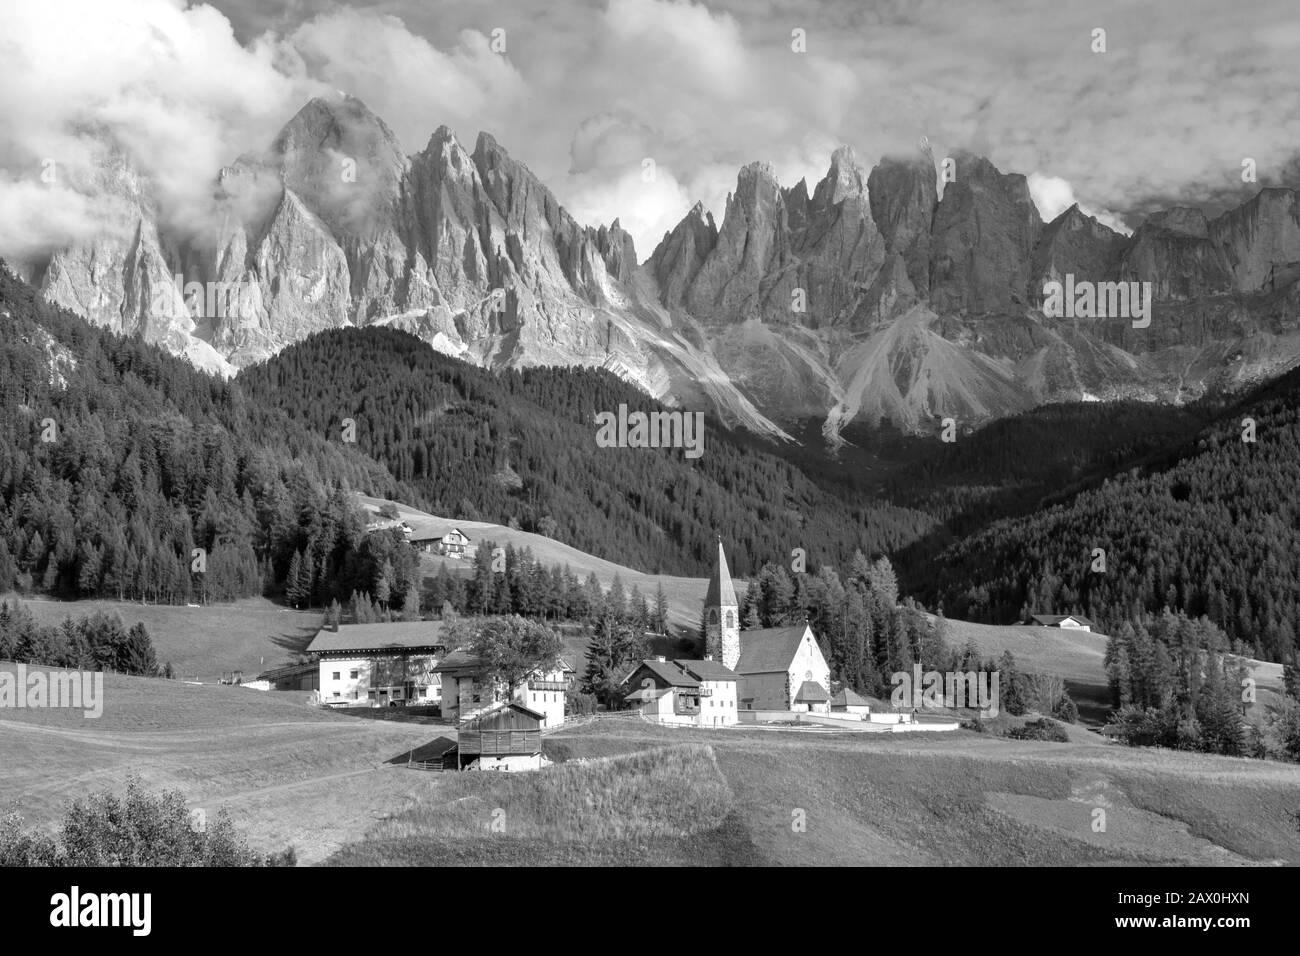 Val di Funes, einem schönen Tal, wo die kleinen Santa Magdalena Kirche seine strategische Position Markierungen für eine der eindrucksvollsten Postkarten der D Stockfoto